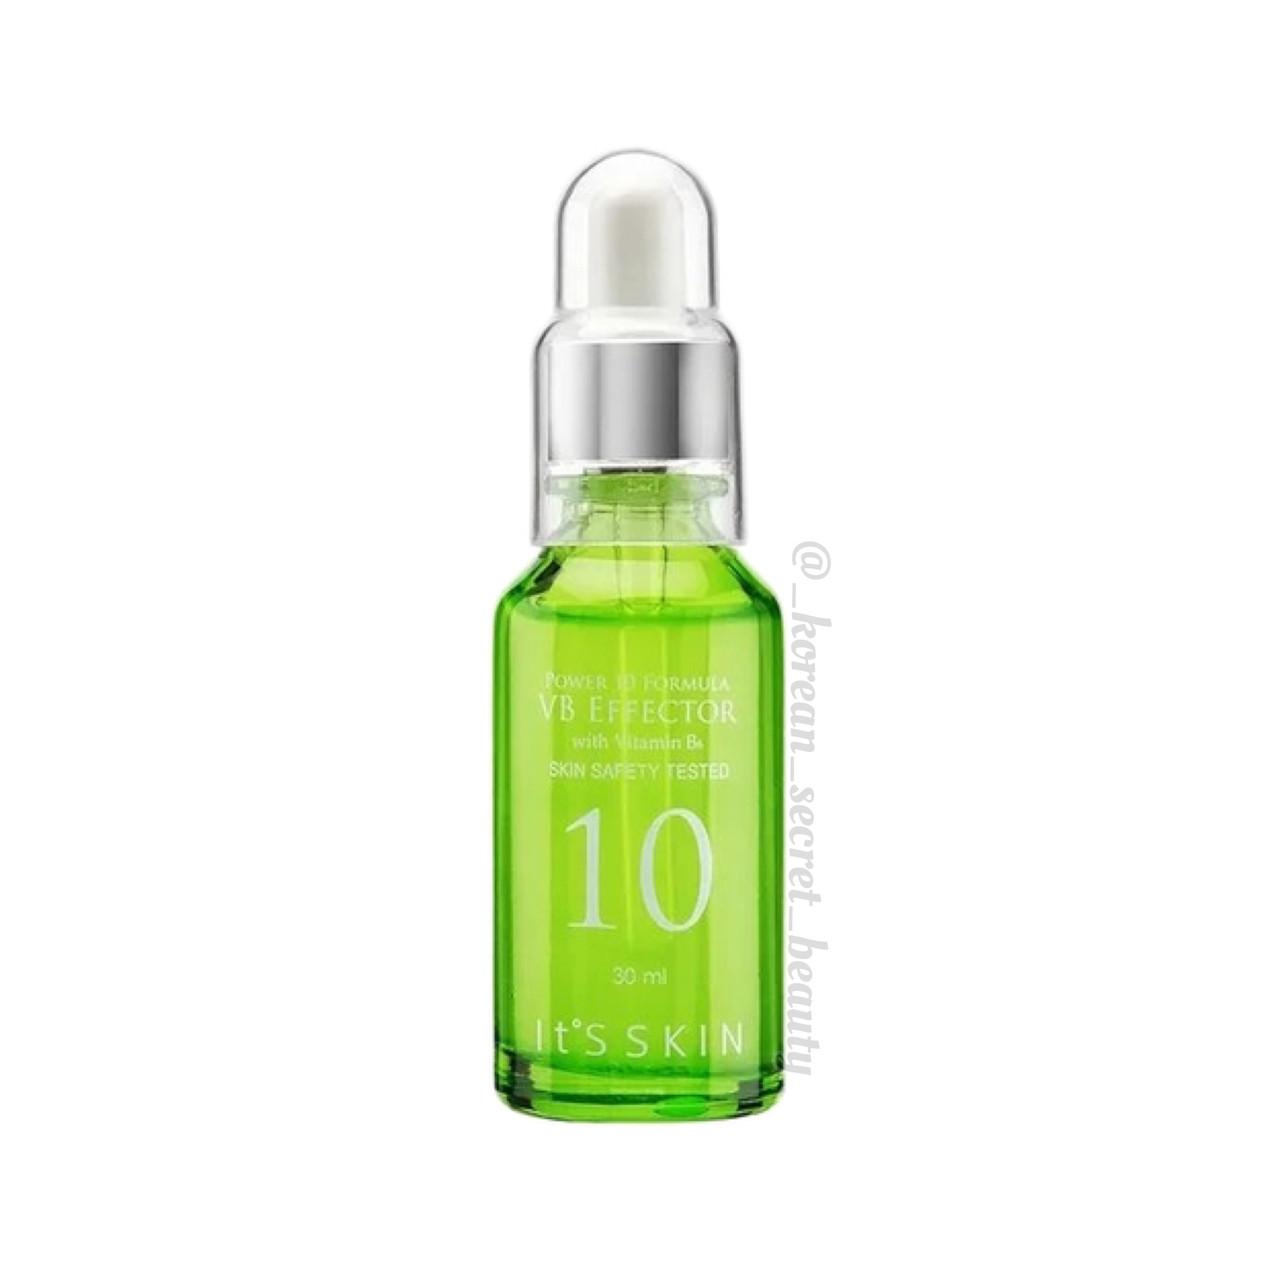 Сыворотка для контроля жирности It's Skin Power 10 Formula VB Effector